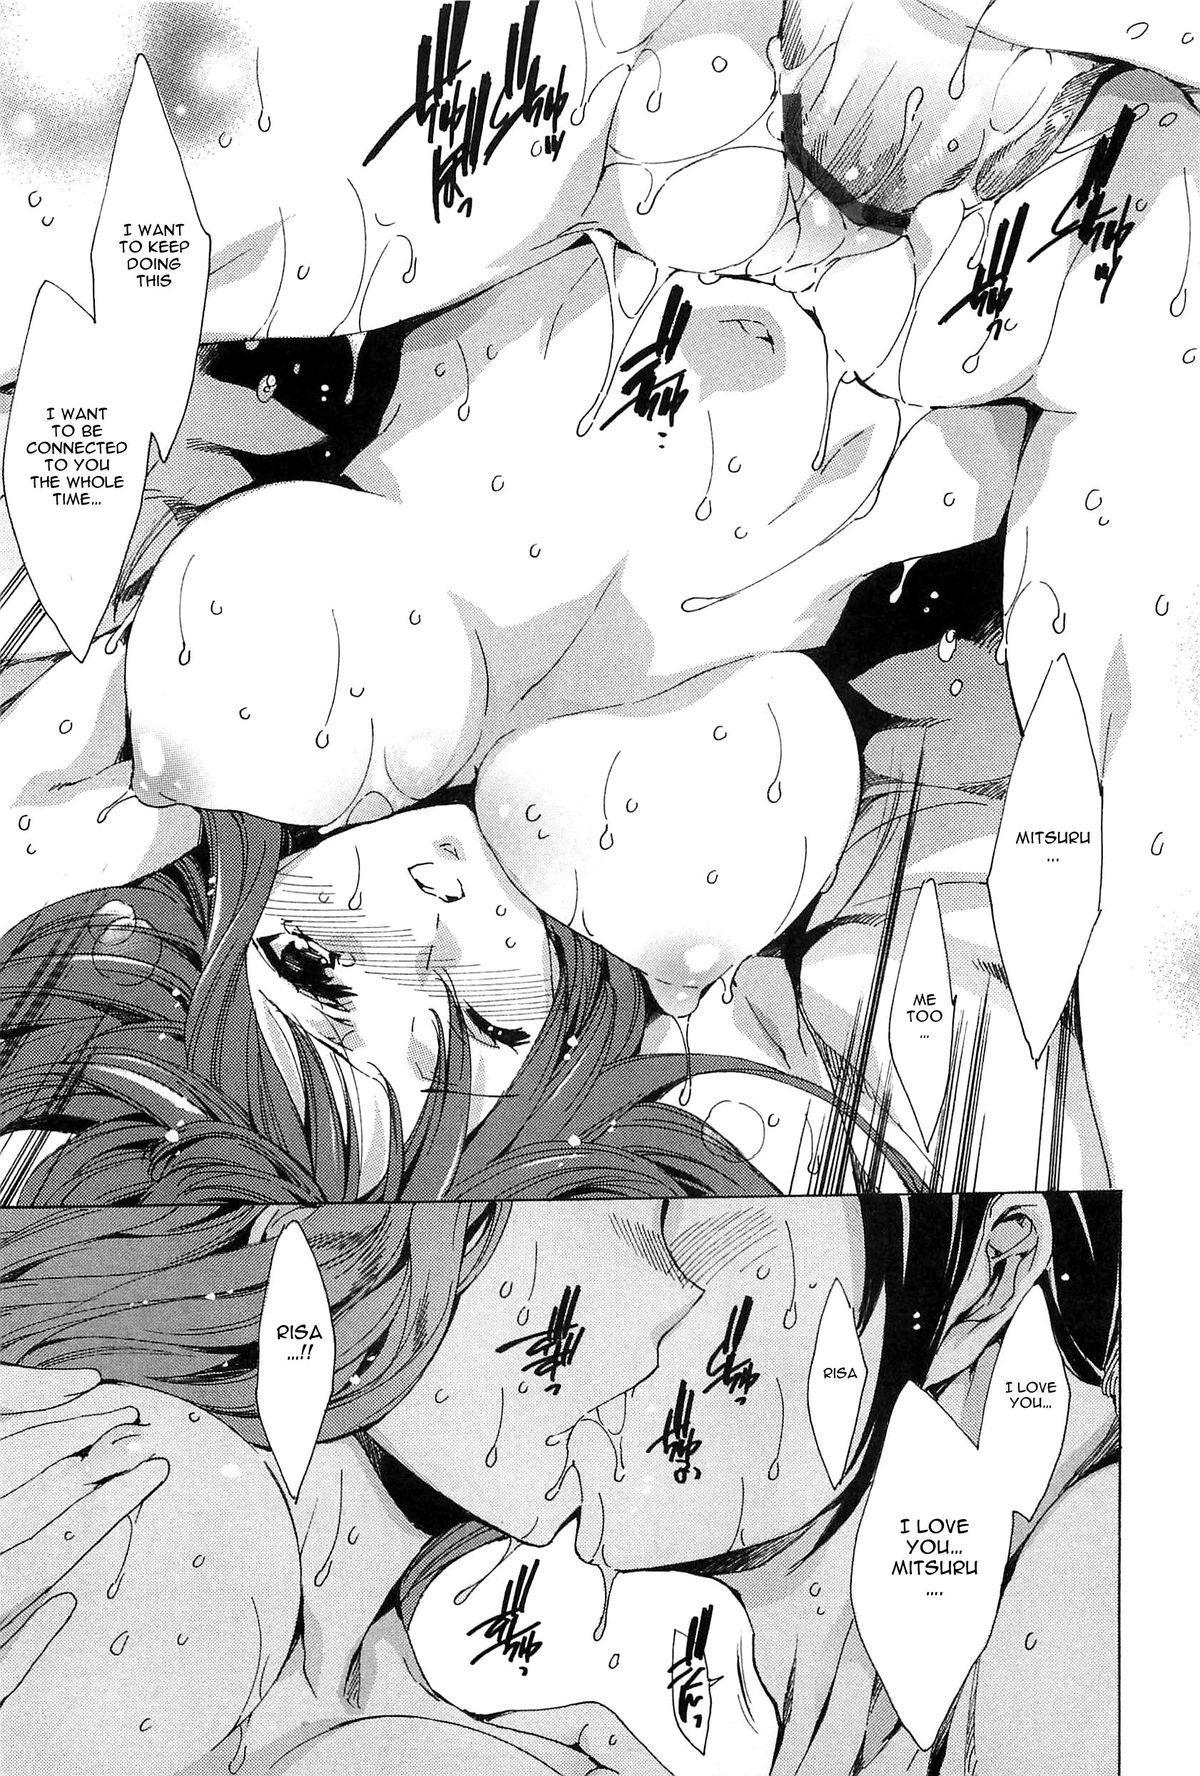 [Yuiga Naoha] Nikuyoku Rensa - NTR Kanojo   Chains of Lust - NTR Girlfriend [English] {doujin-moe.us} 118